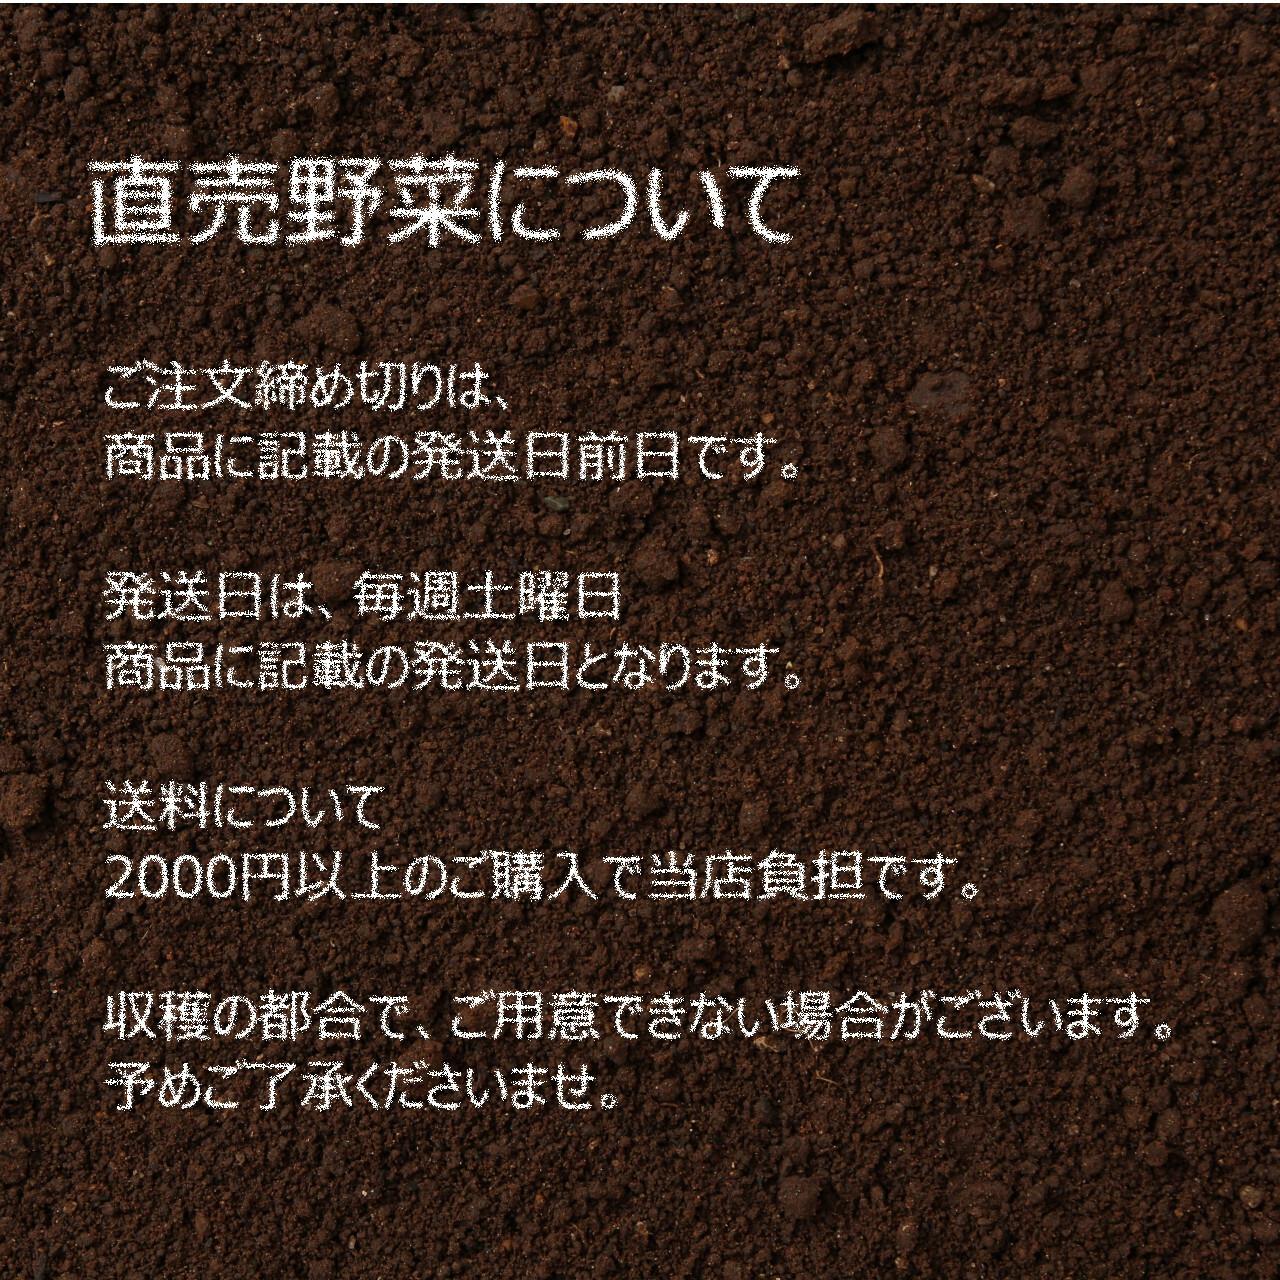 新鮮な秋野菜 : えだまめ 300g 9月の朝採り直売野菜 9月14日発送予定